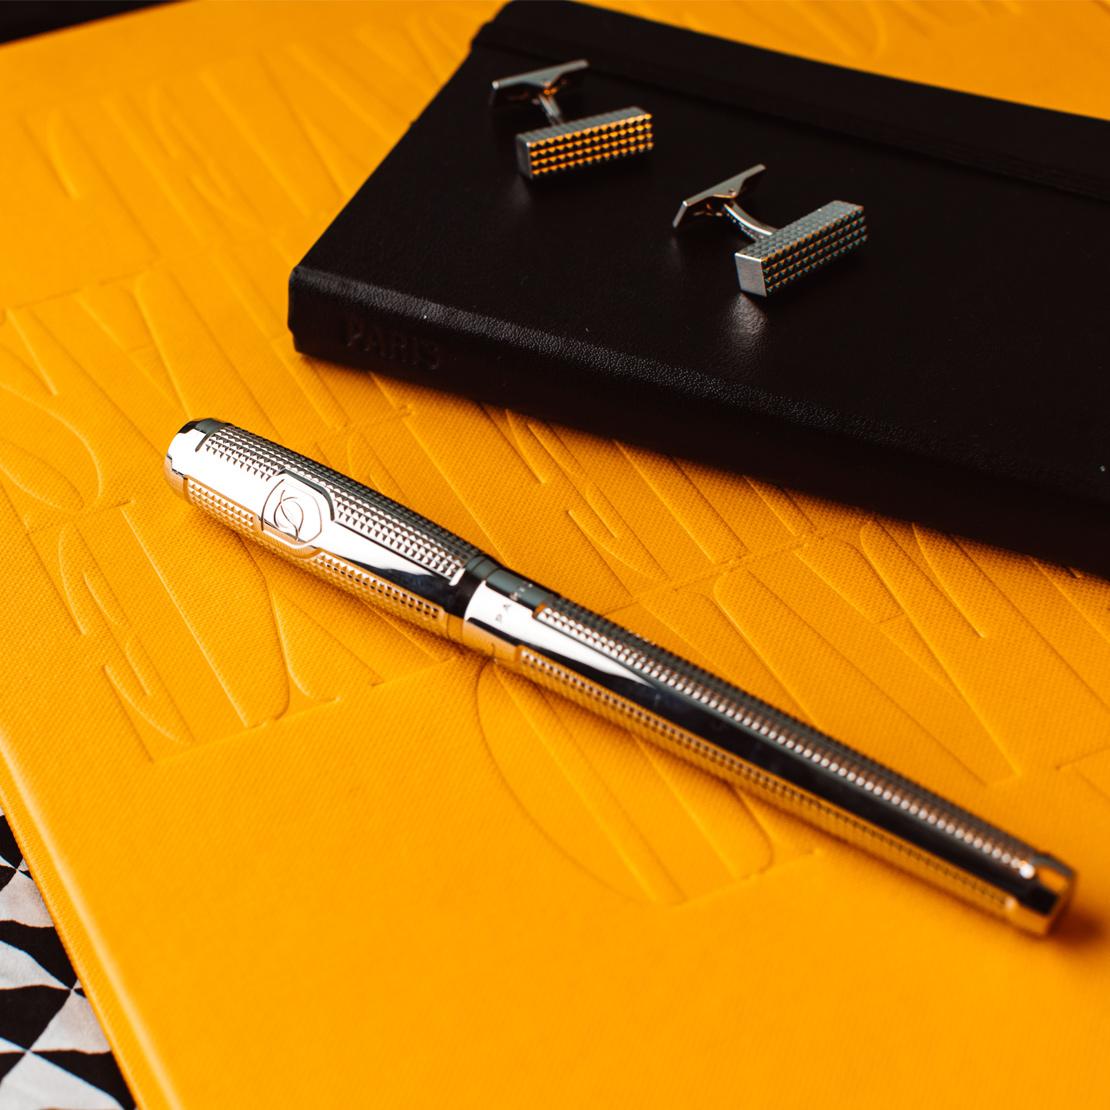 S.T. Dupont Schreibgerät und Manschettenknöpfe